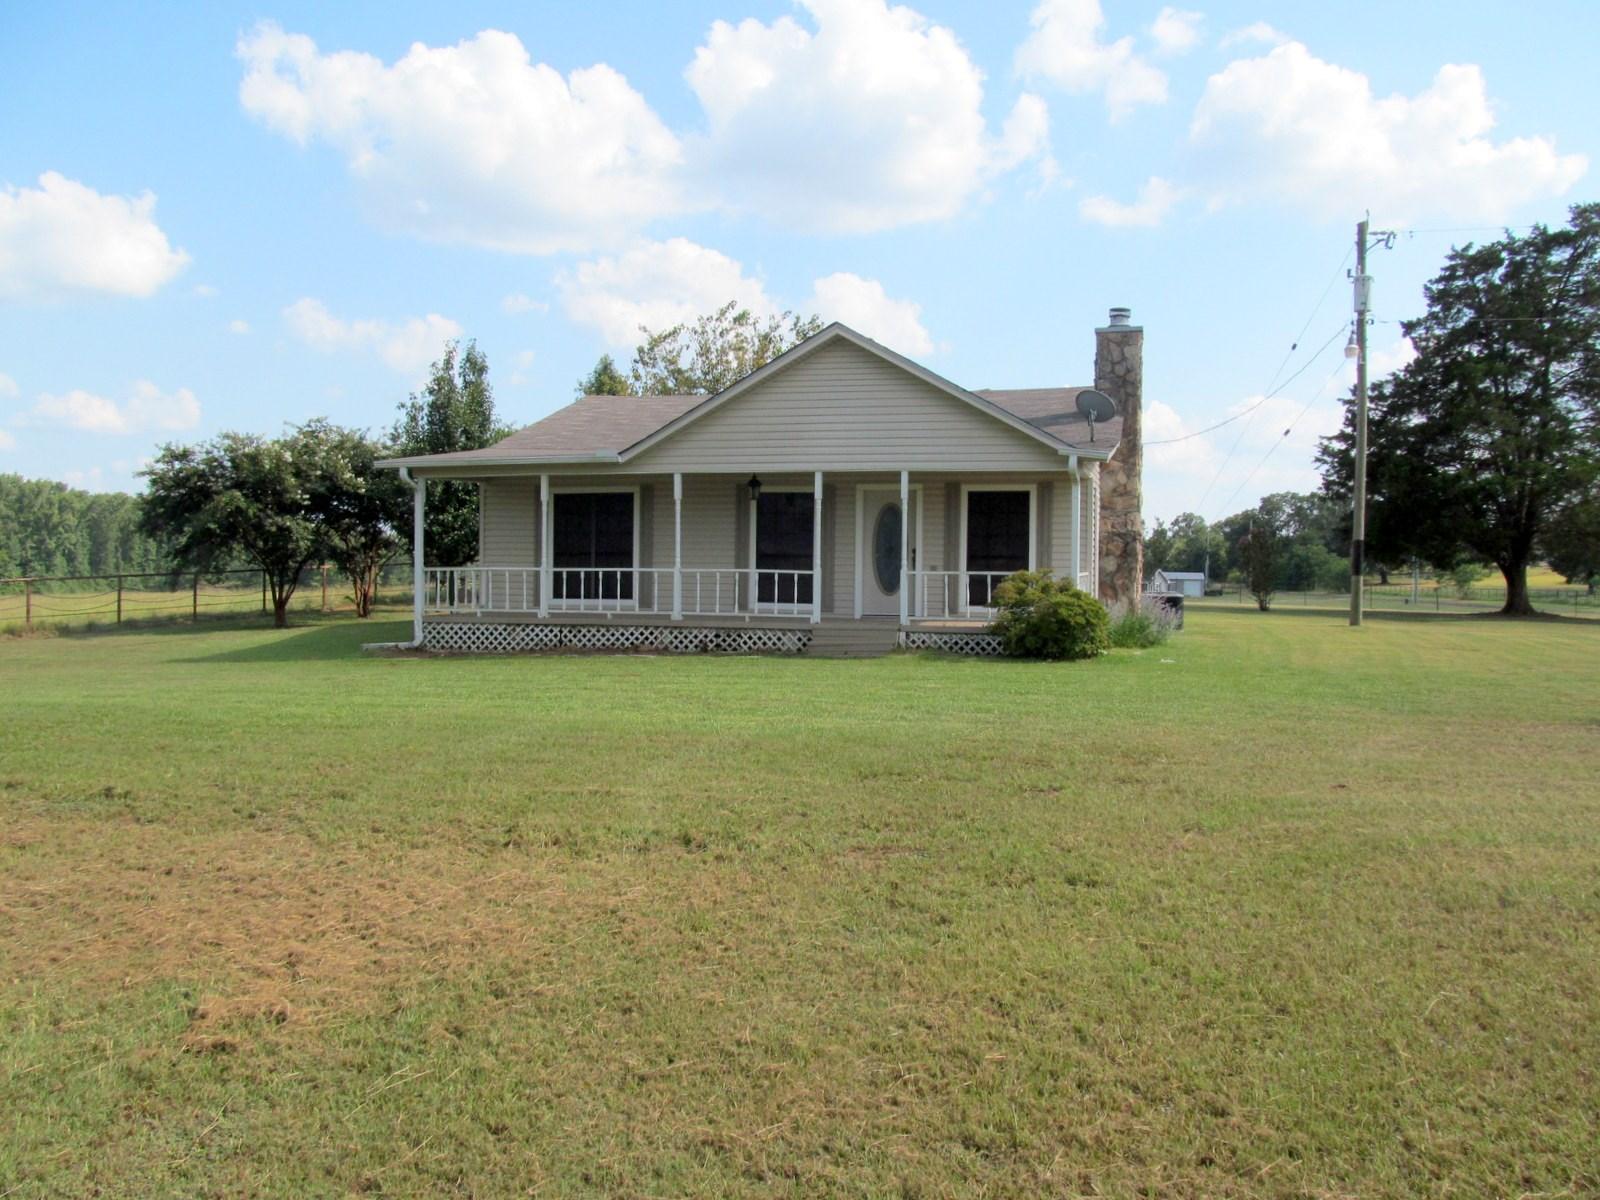 1940 FARM HOUSE ON 1.4 ACRES IN EAST TEXAS - WINNSBORO, TX